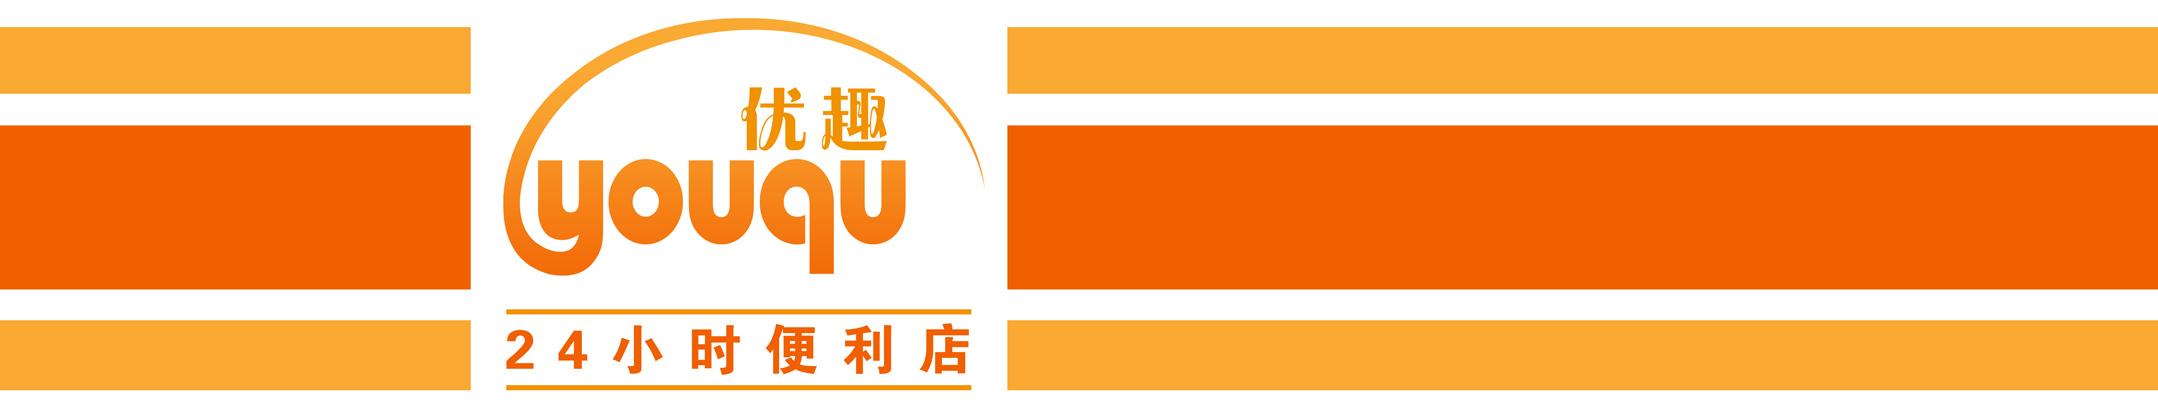 优趣便利店店面logo门头等设计(18号止